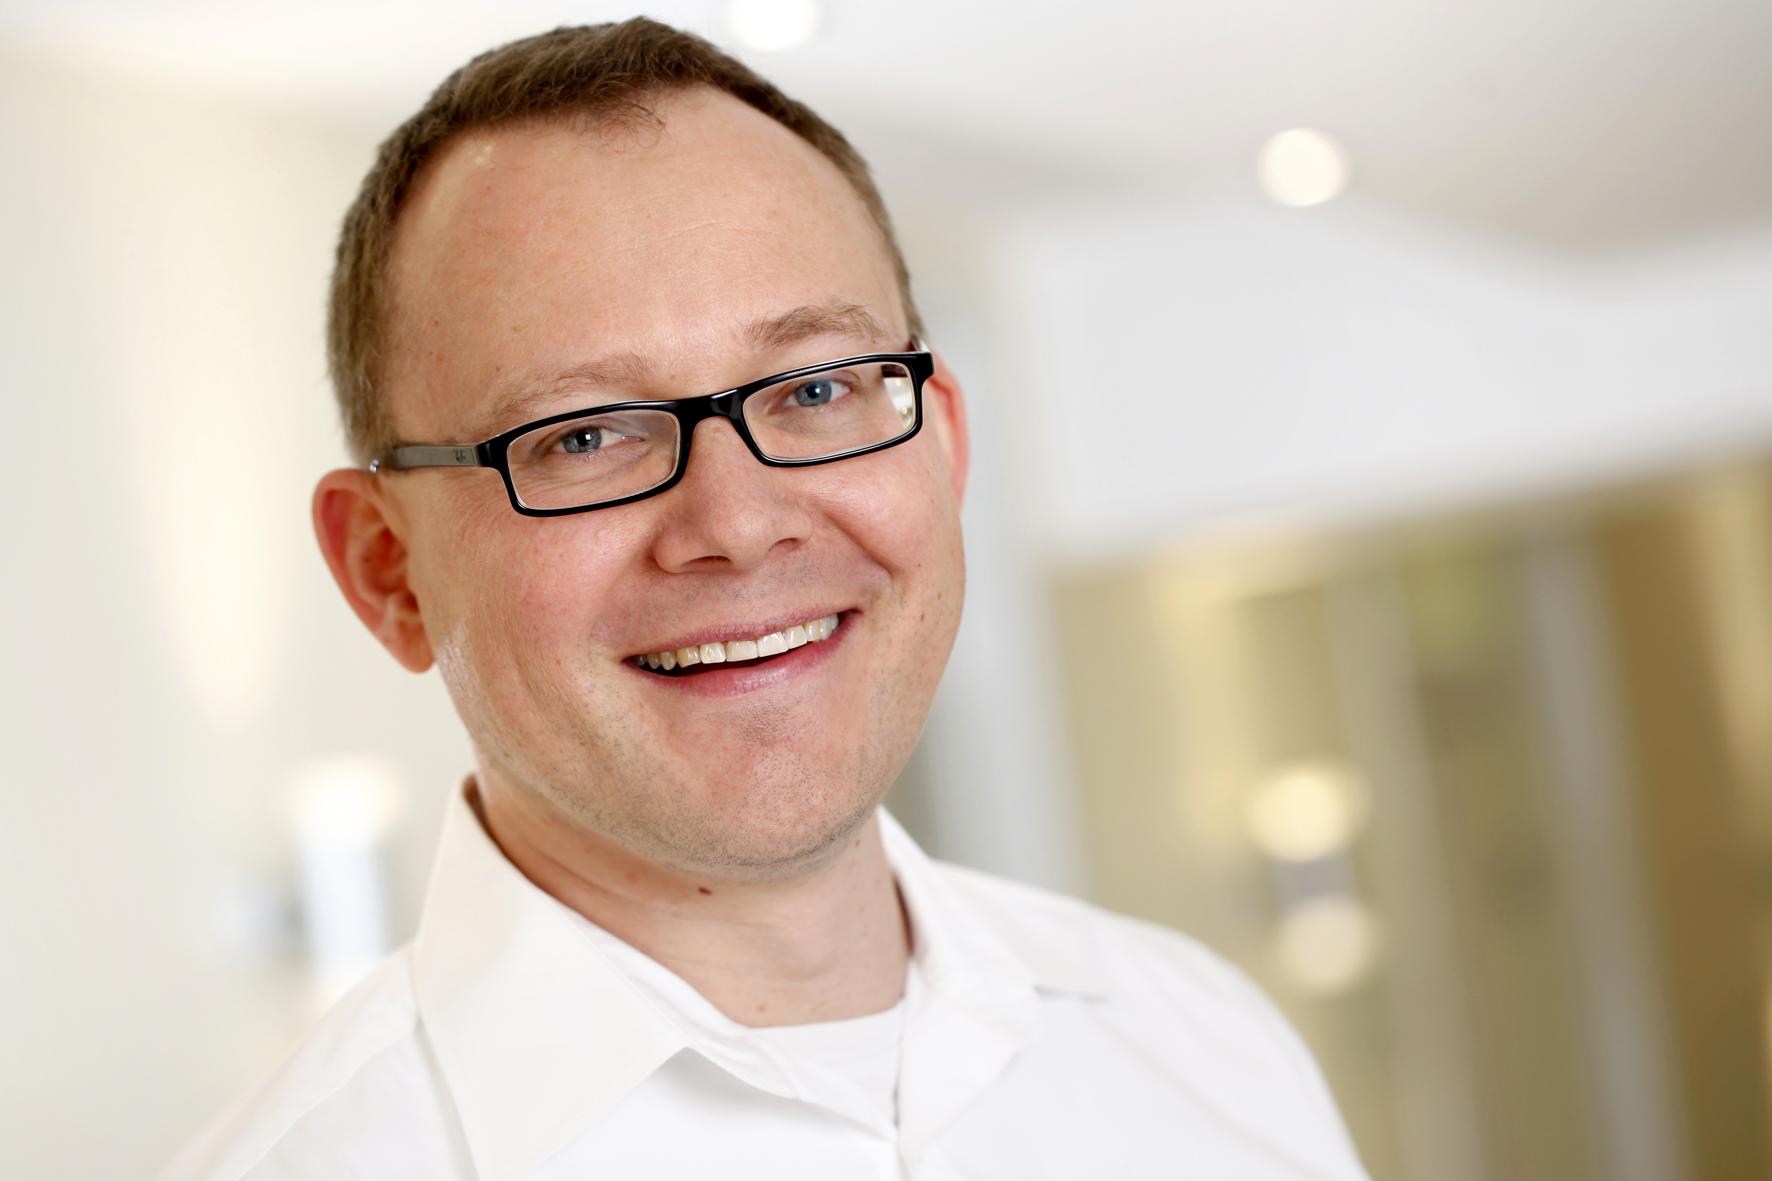 Björn Altenwerth